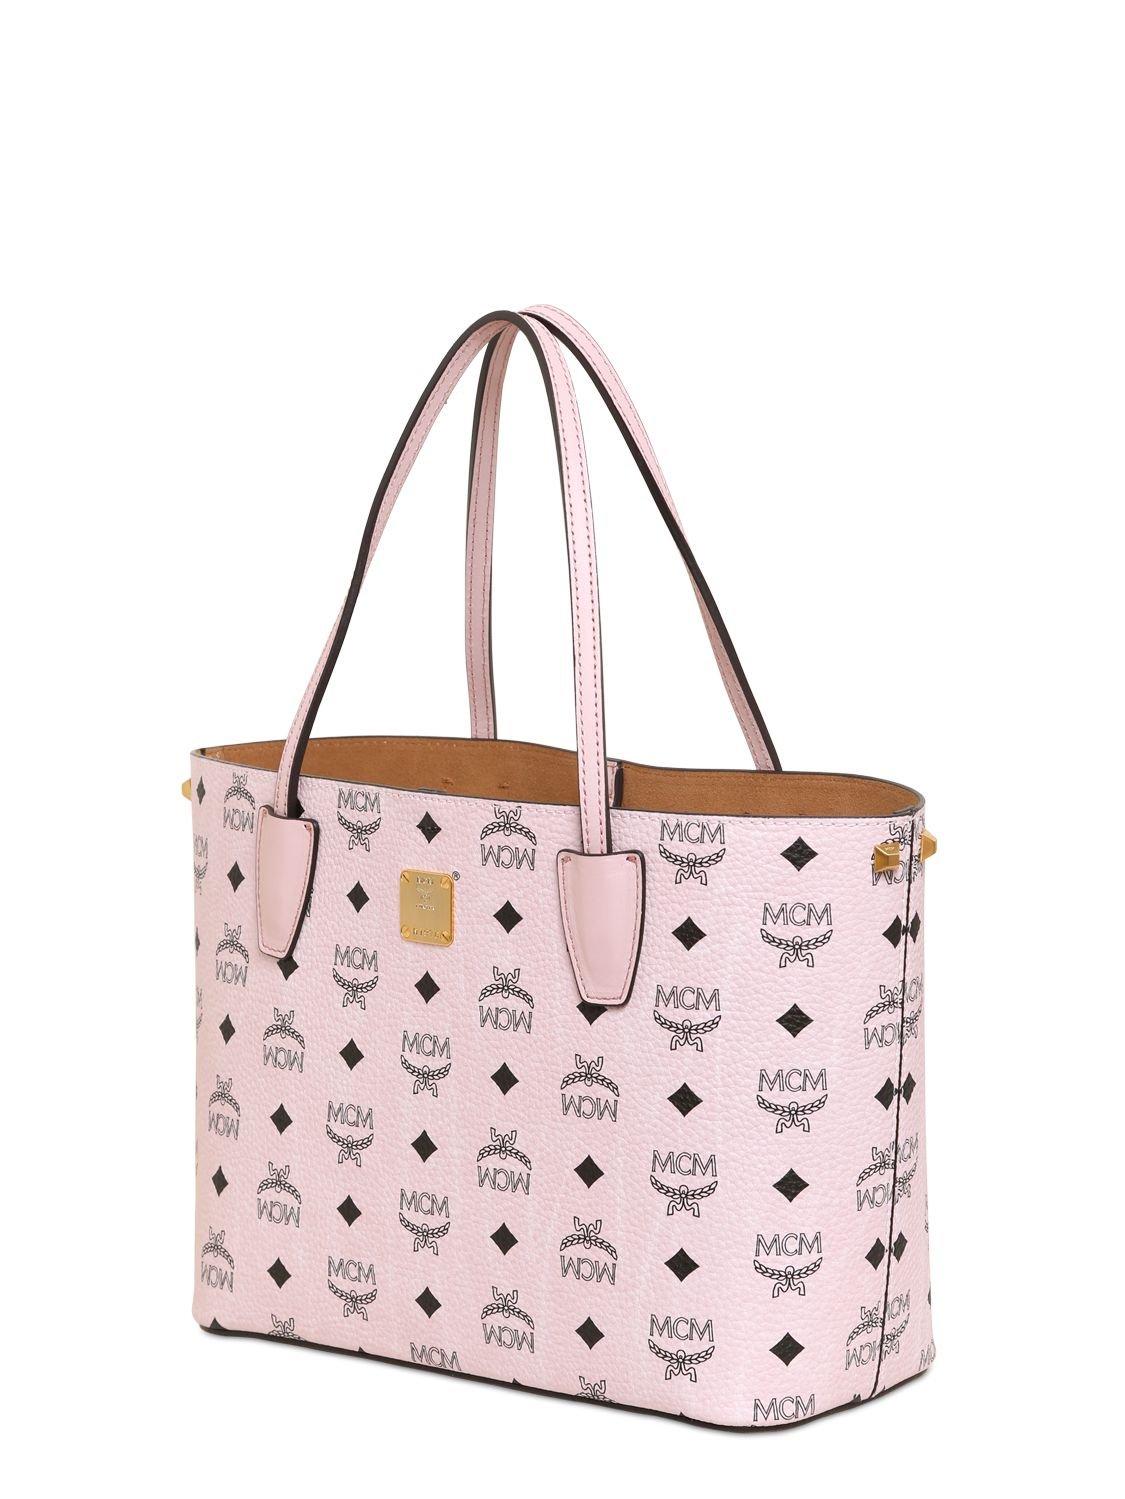 logo print shopper tote - Brown MCM 0MD1CTG